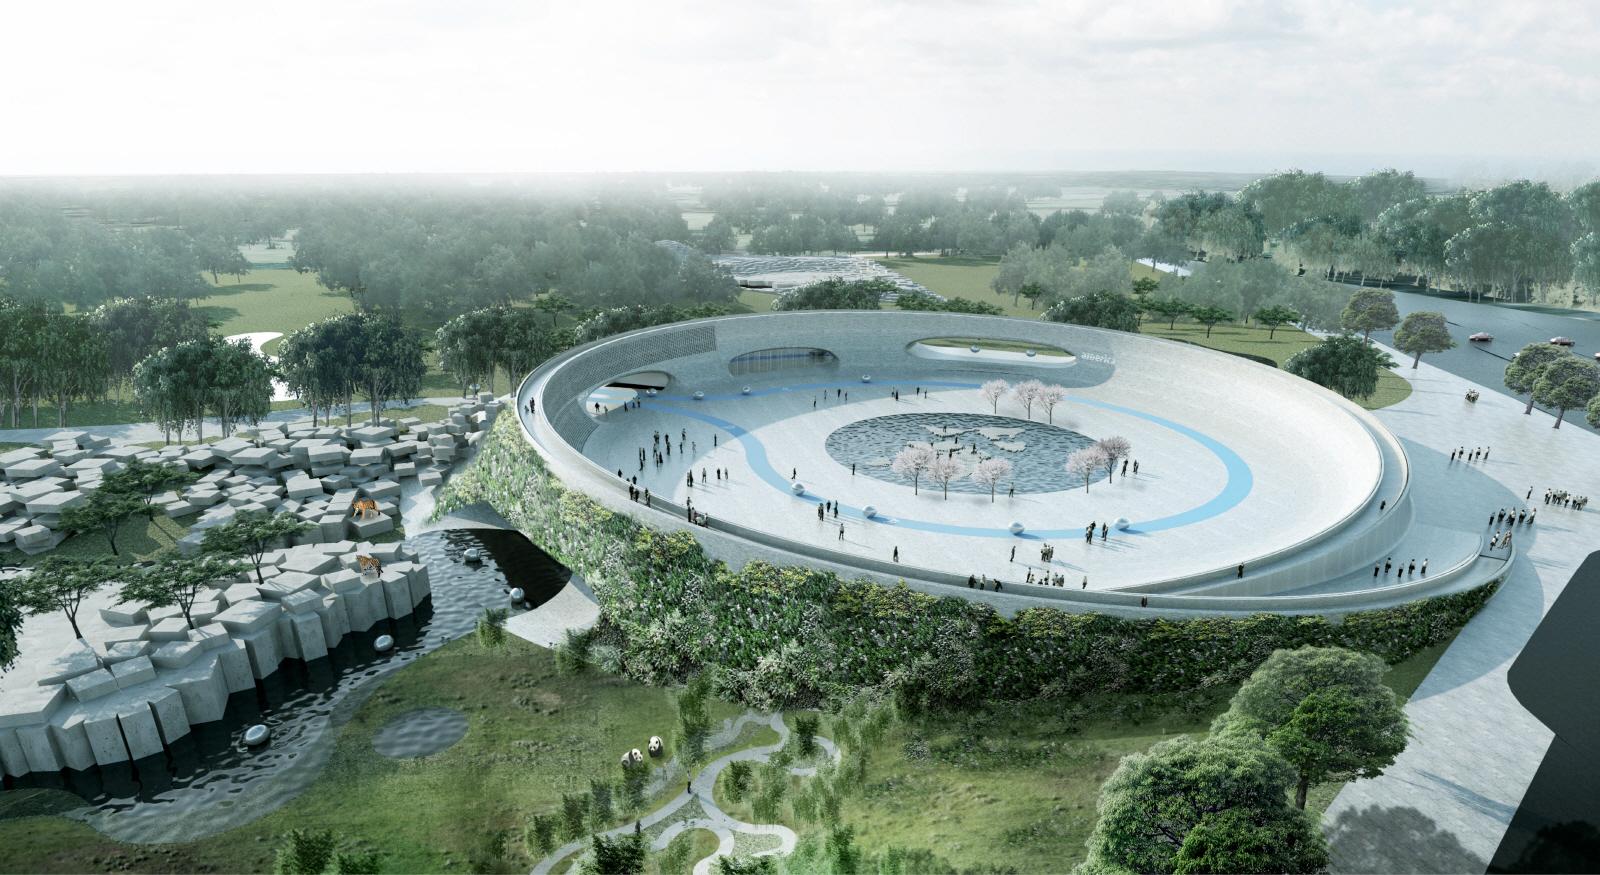 〔안정원의 디자인 칼럼〕 동물과 인간이 공존하는 지혜로운 동물원 디자인이란 어떤 것일까